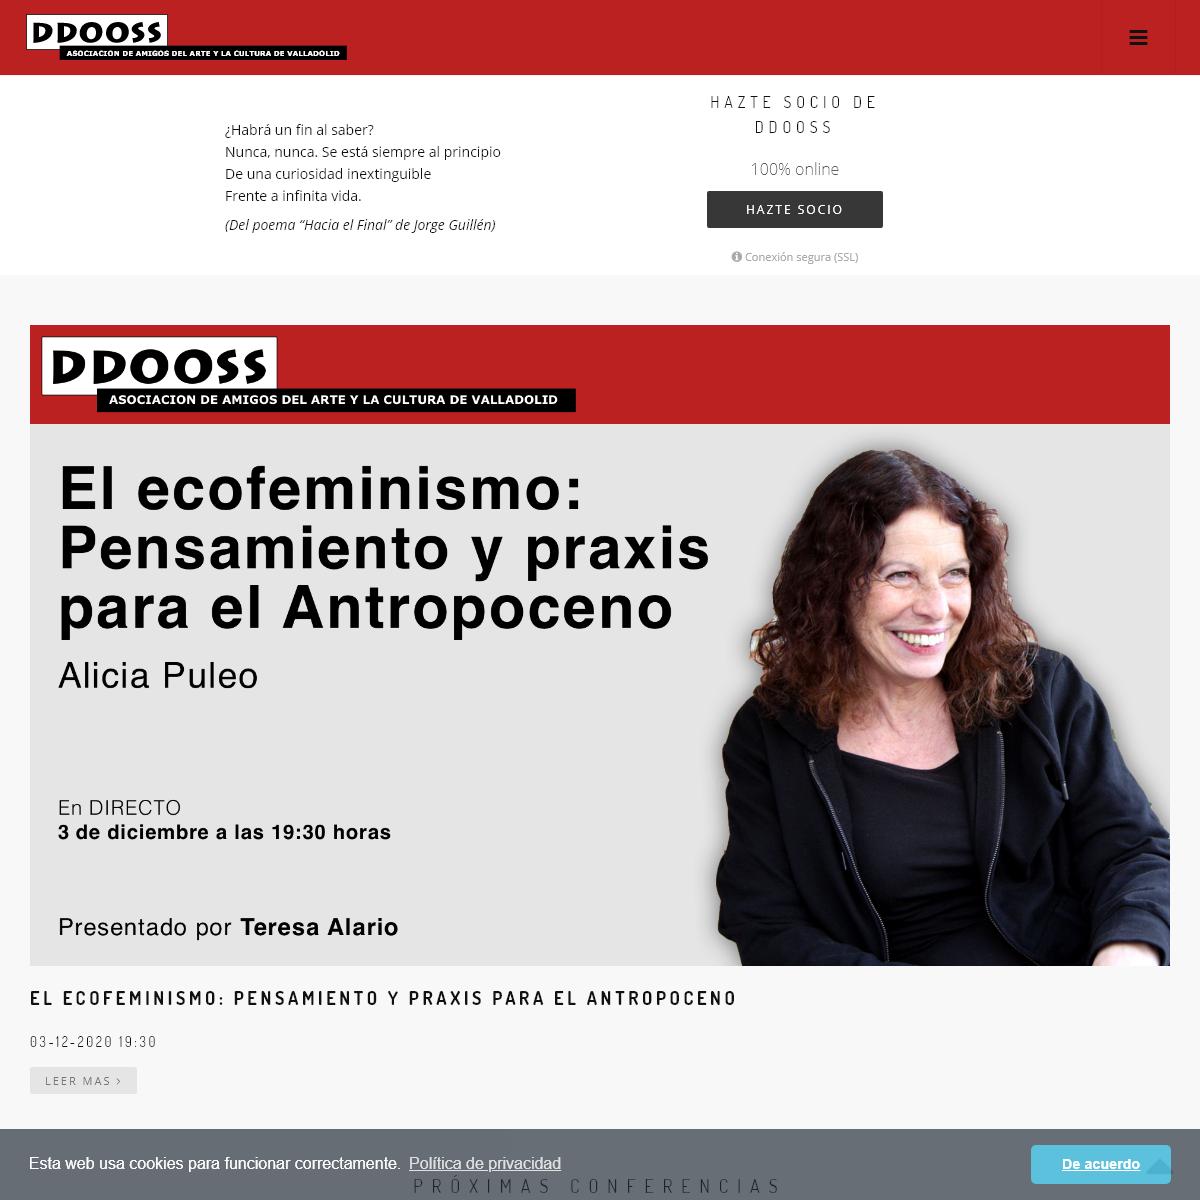 DDOOSS - Asociación de amigos del Arte y la Cultura de Valladolid